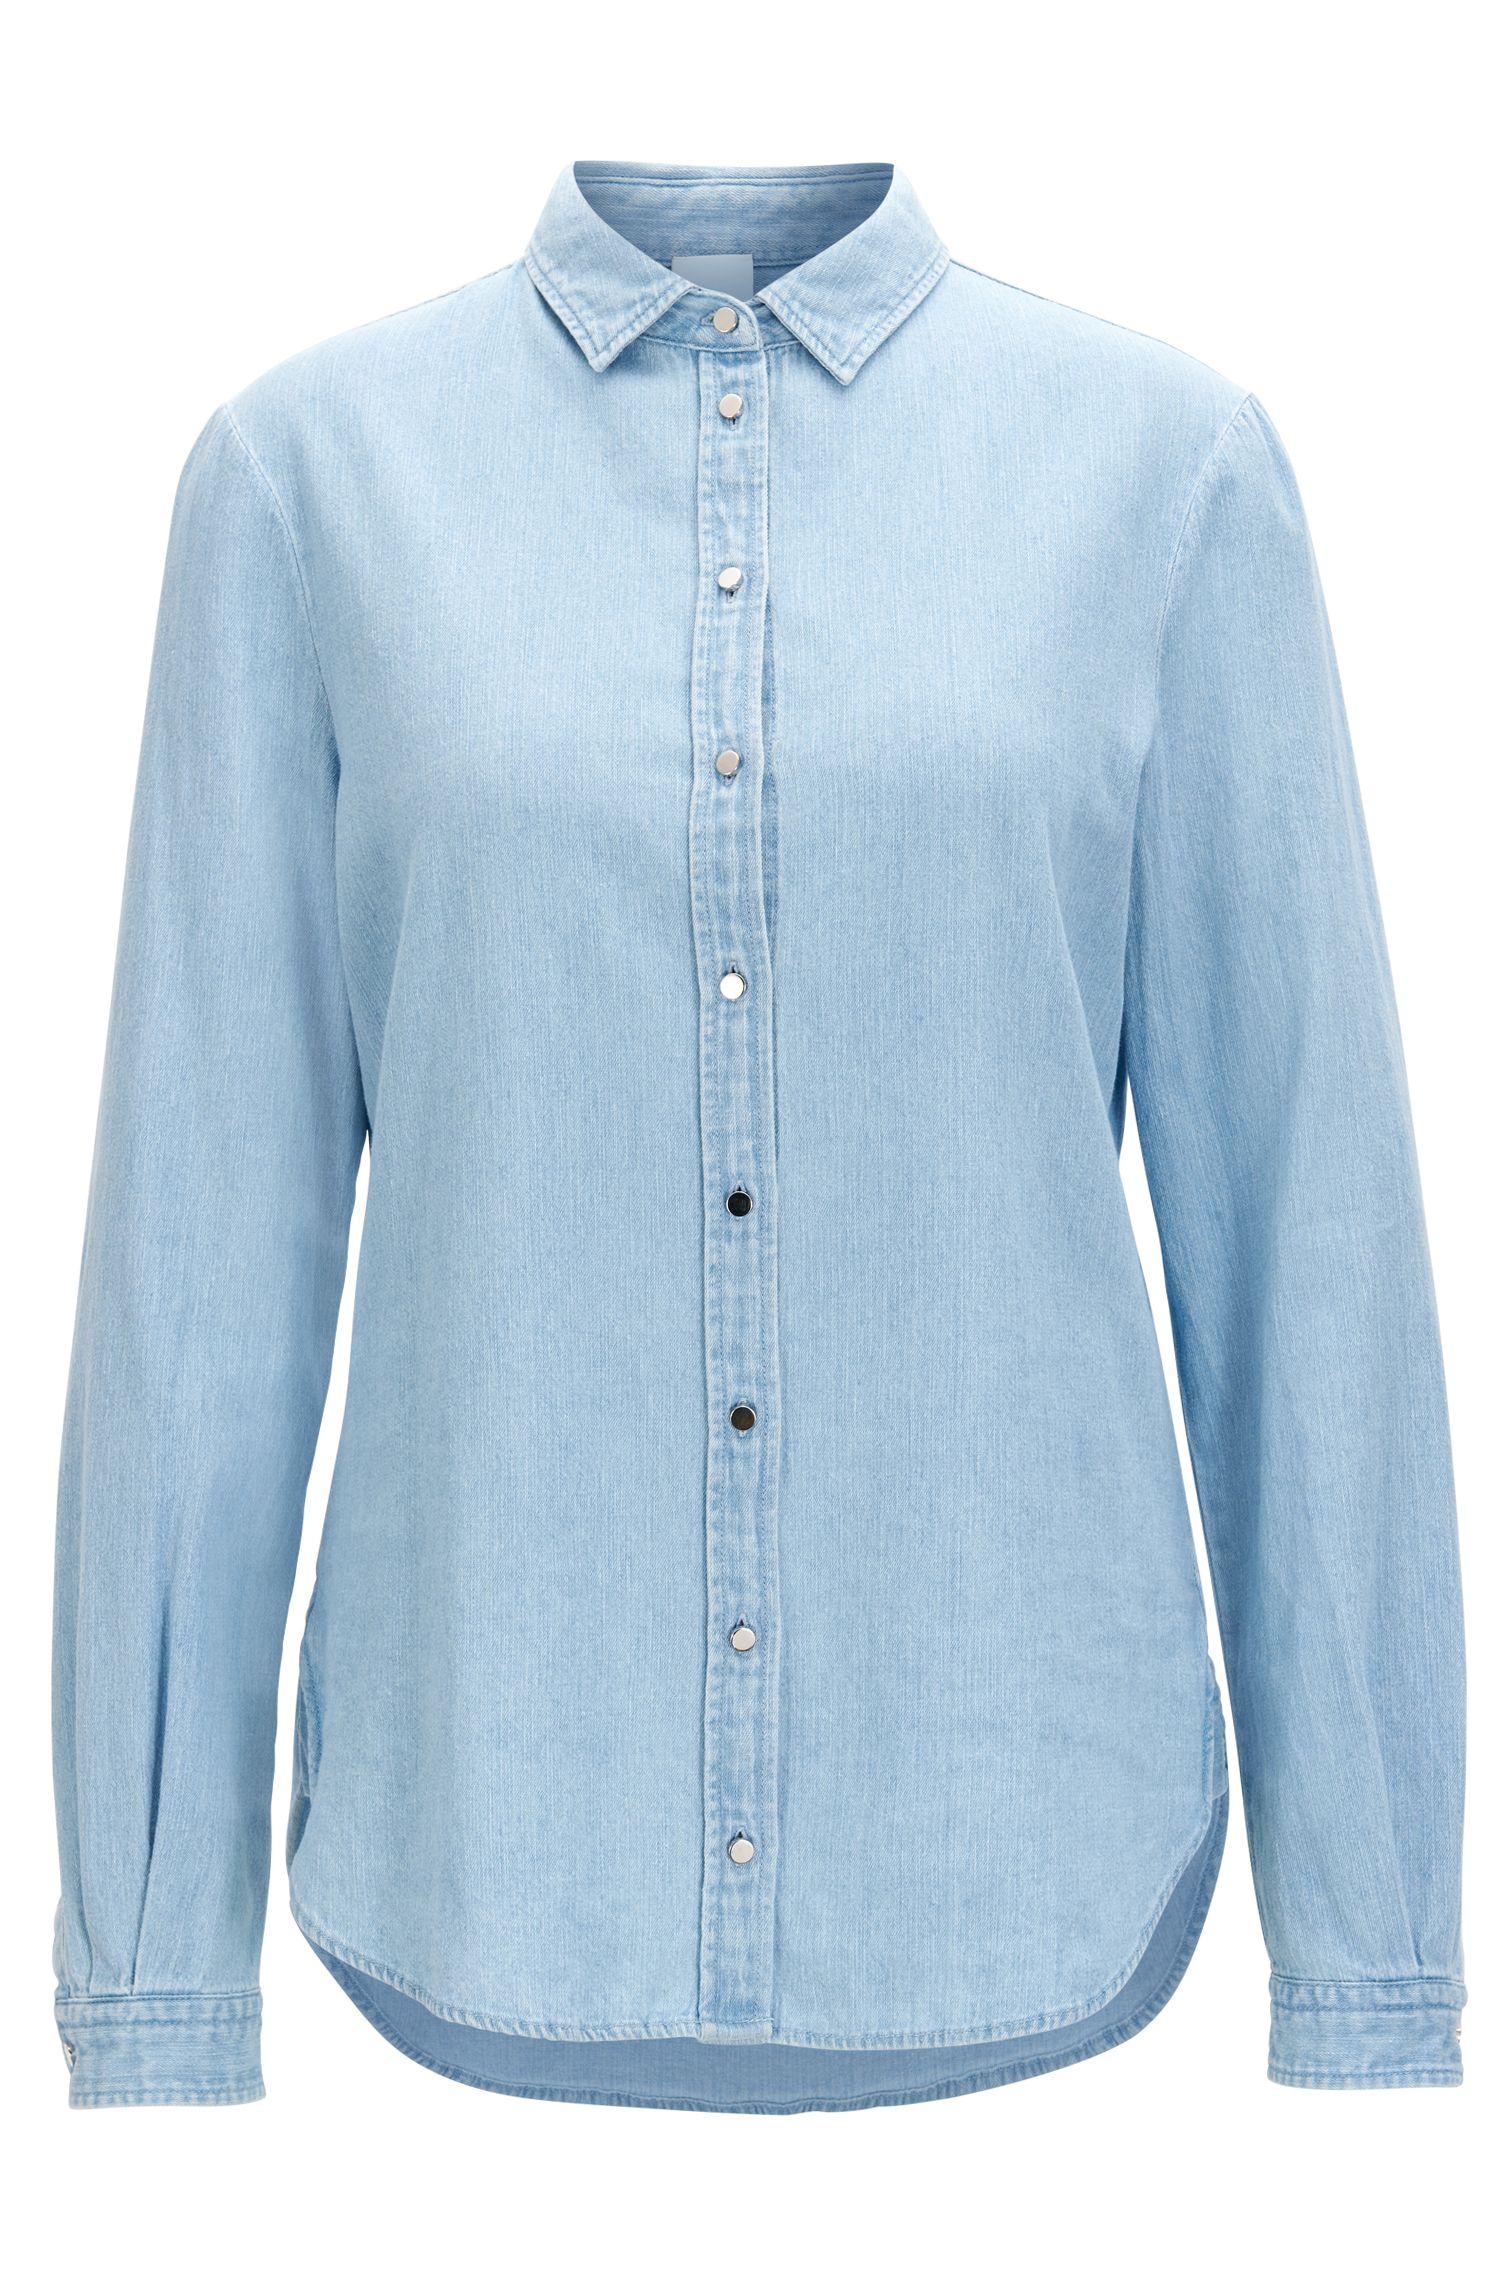 Gebleichtes Regular-Fit Jeanshemd aus Baumwolle